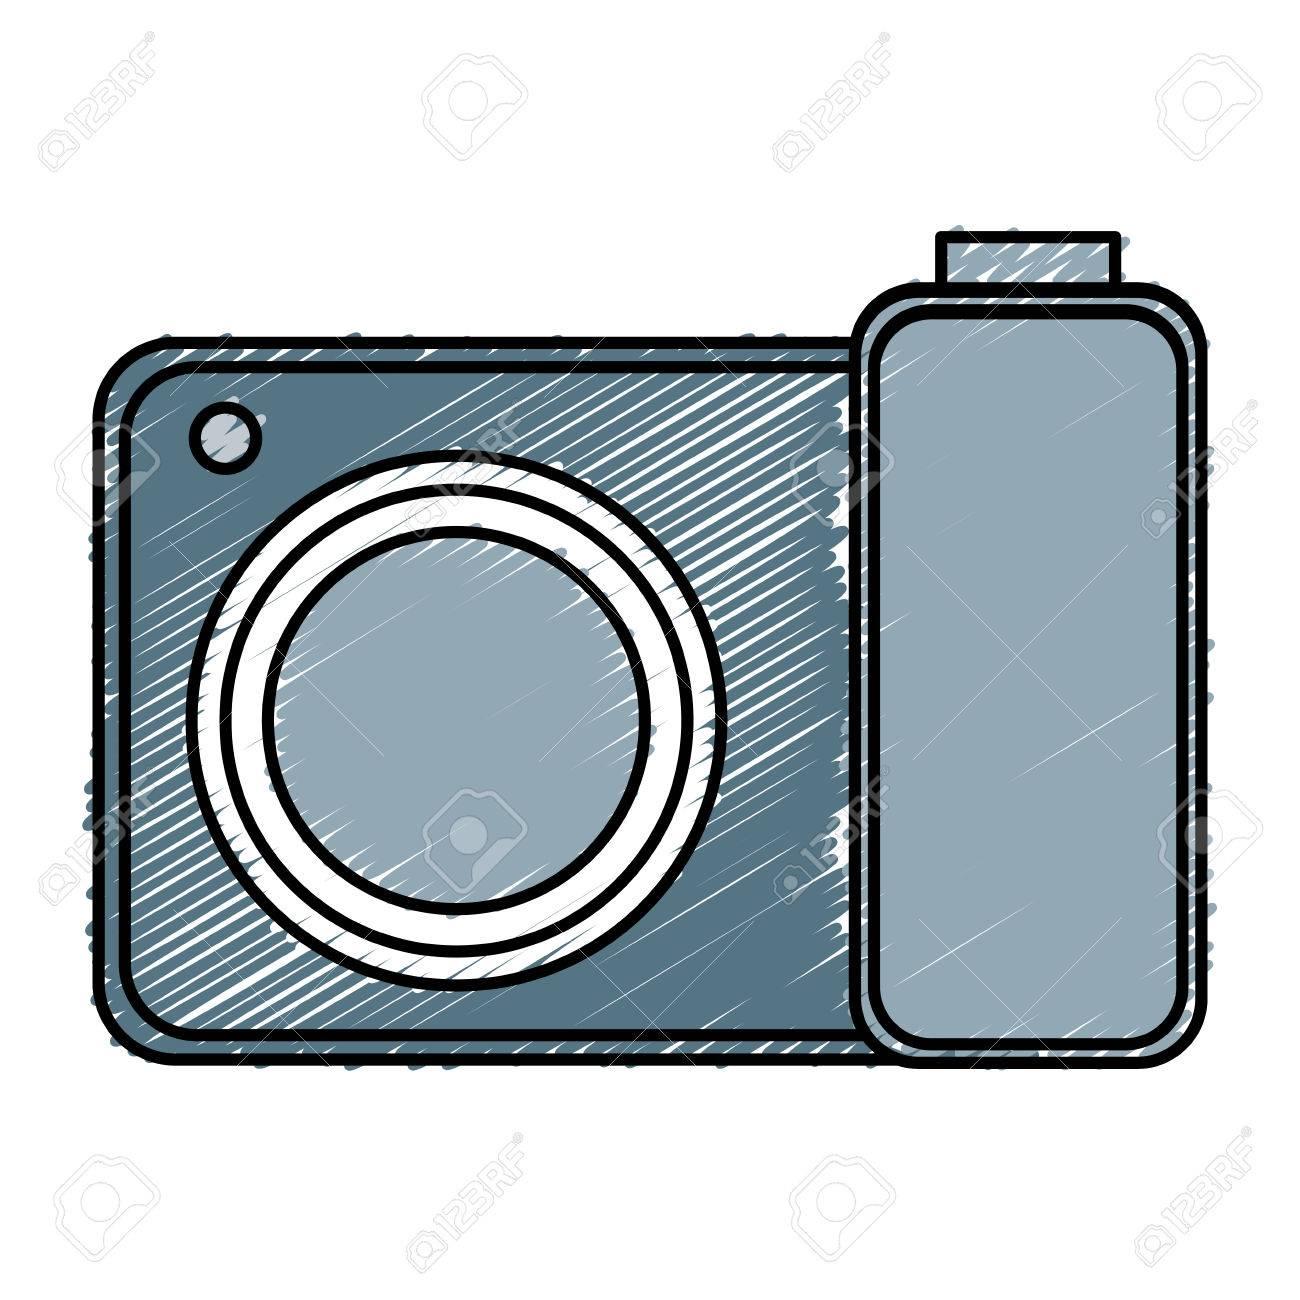 カメラ写真分離アイコン ベクトル イラスト デザイン ロイヤリティフリー